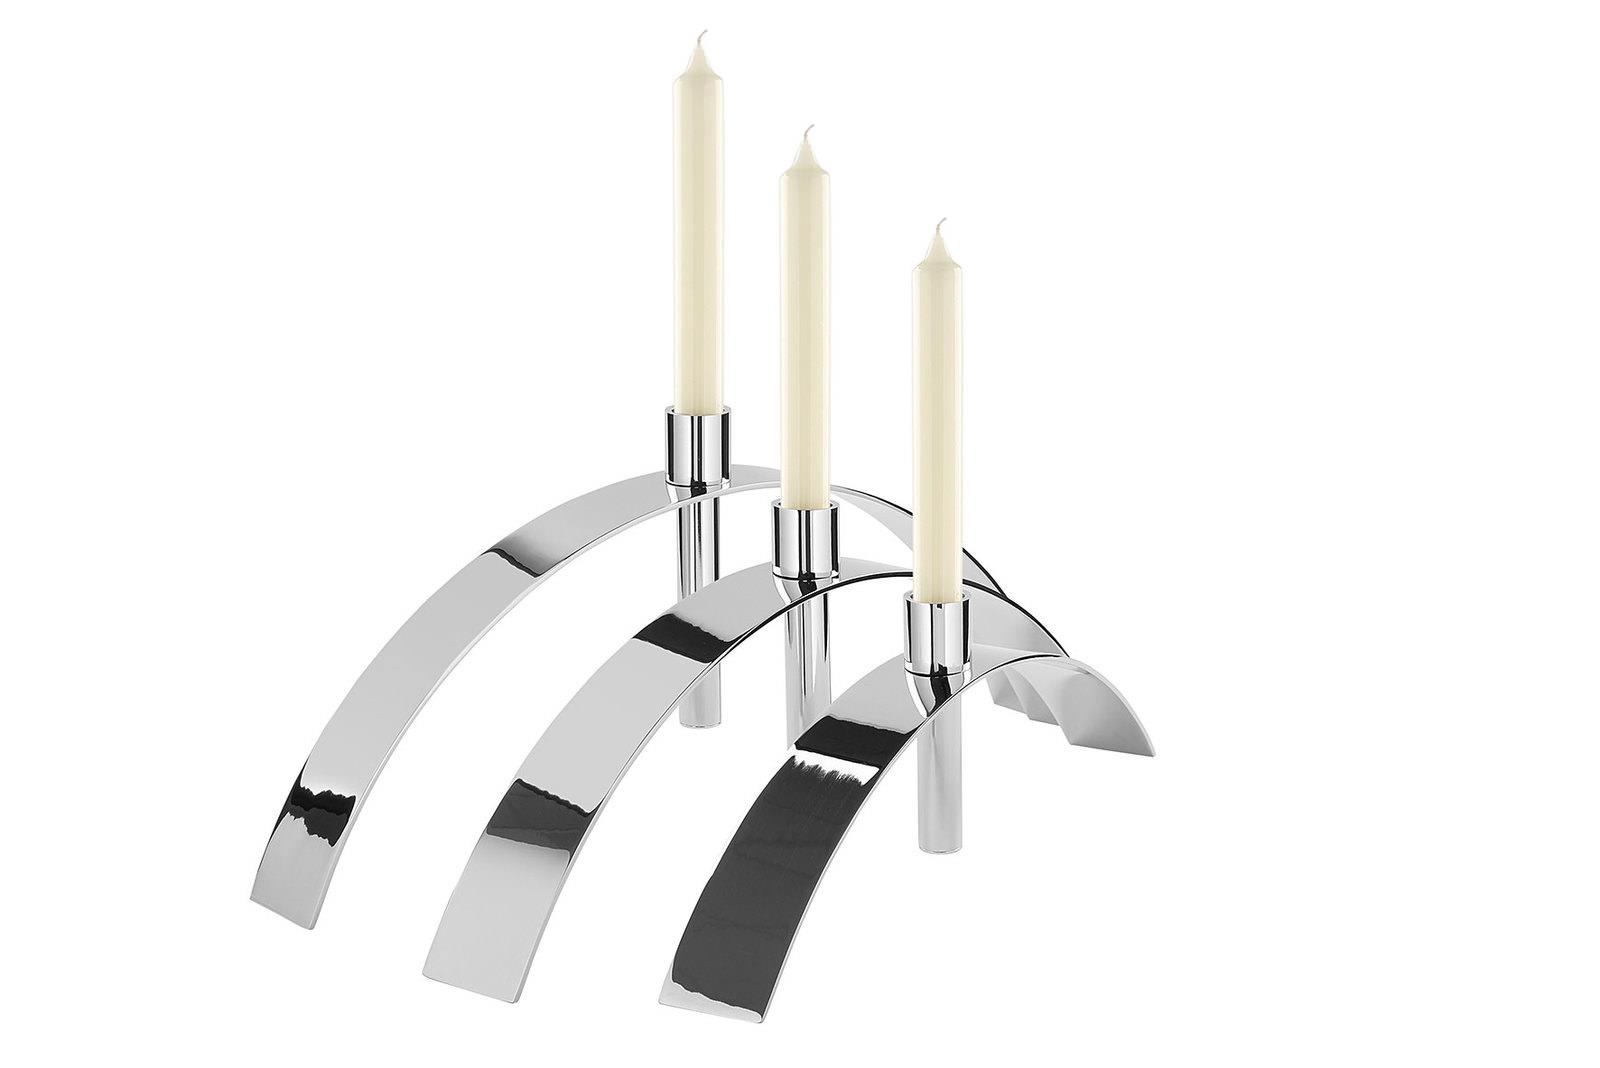 Leuchter SYDNEY 3er-Set online entdecken | Schaffrath - Ihr Möbelhaus